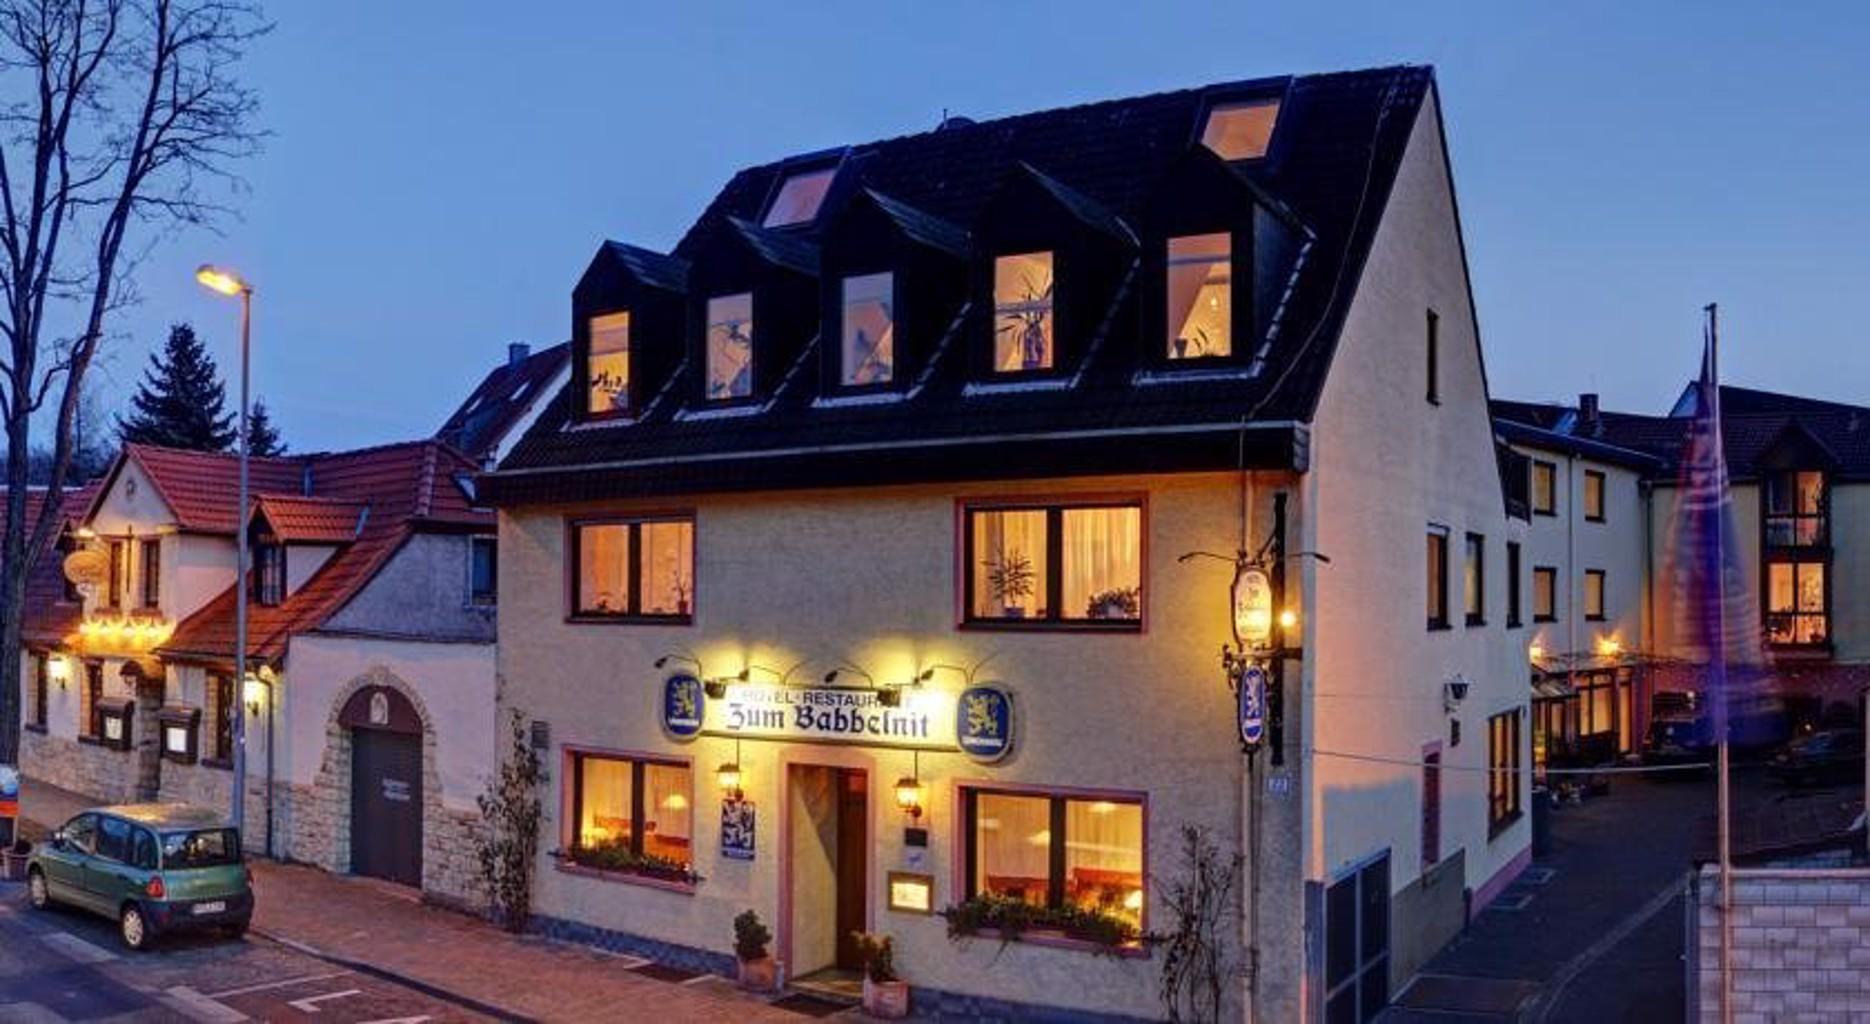 Hotel Restaurant Zum Babbelnit